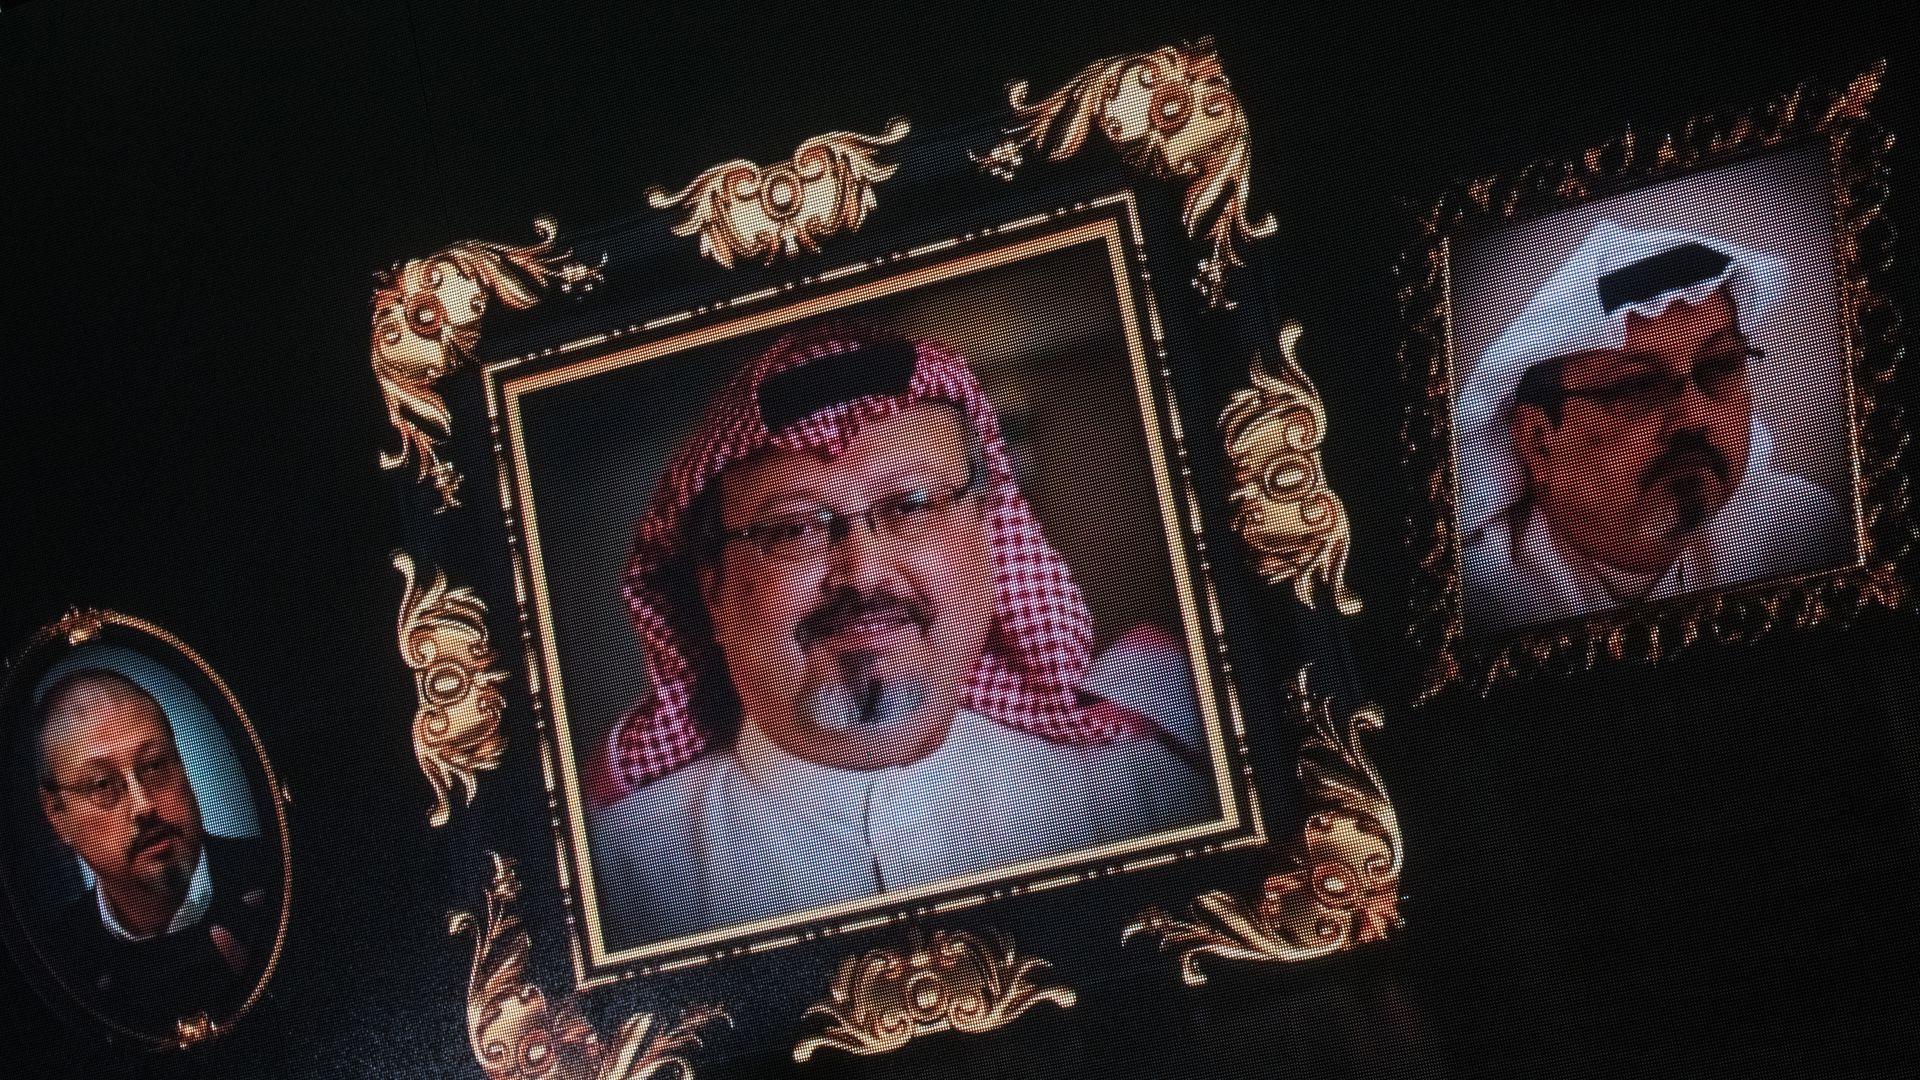 Images of Jamal Khashoggi